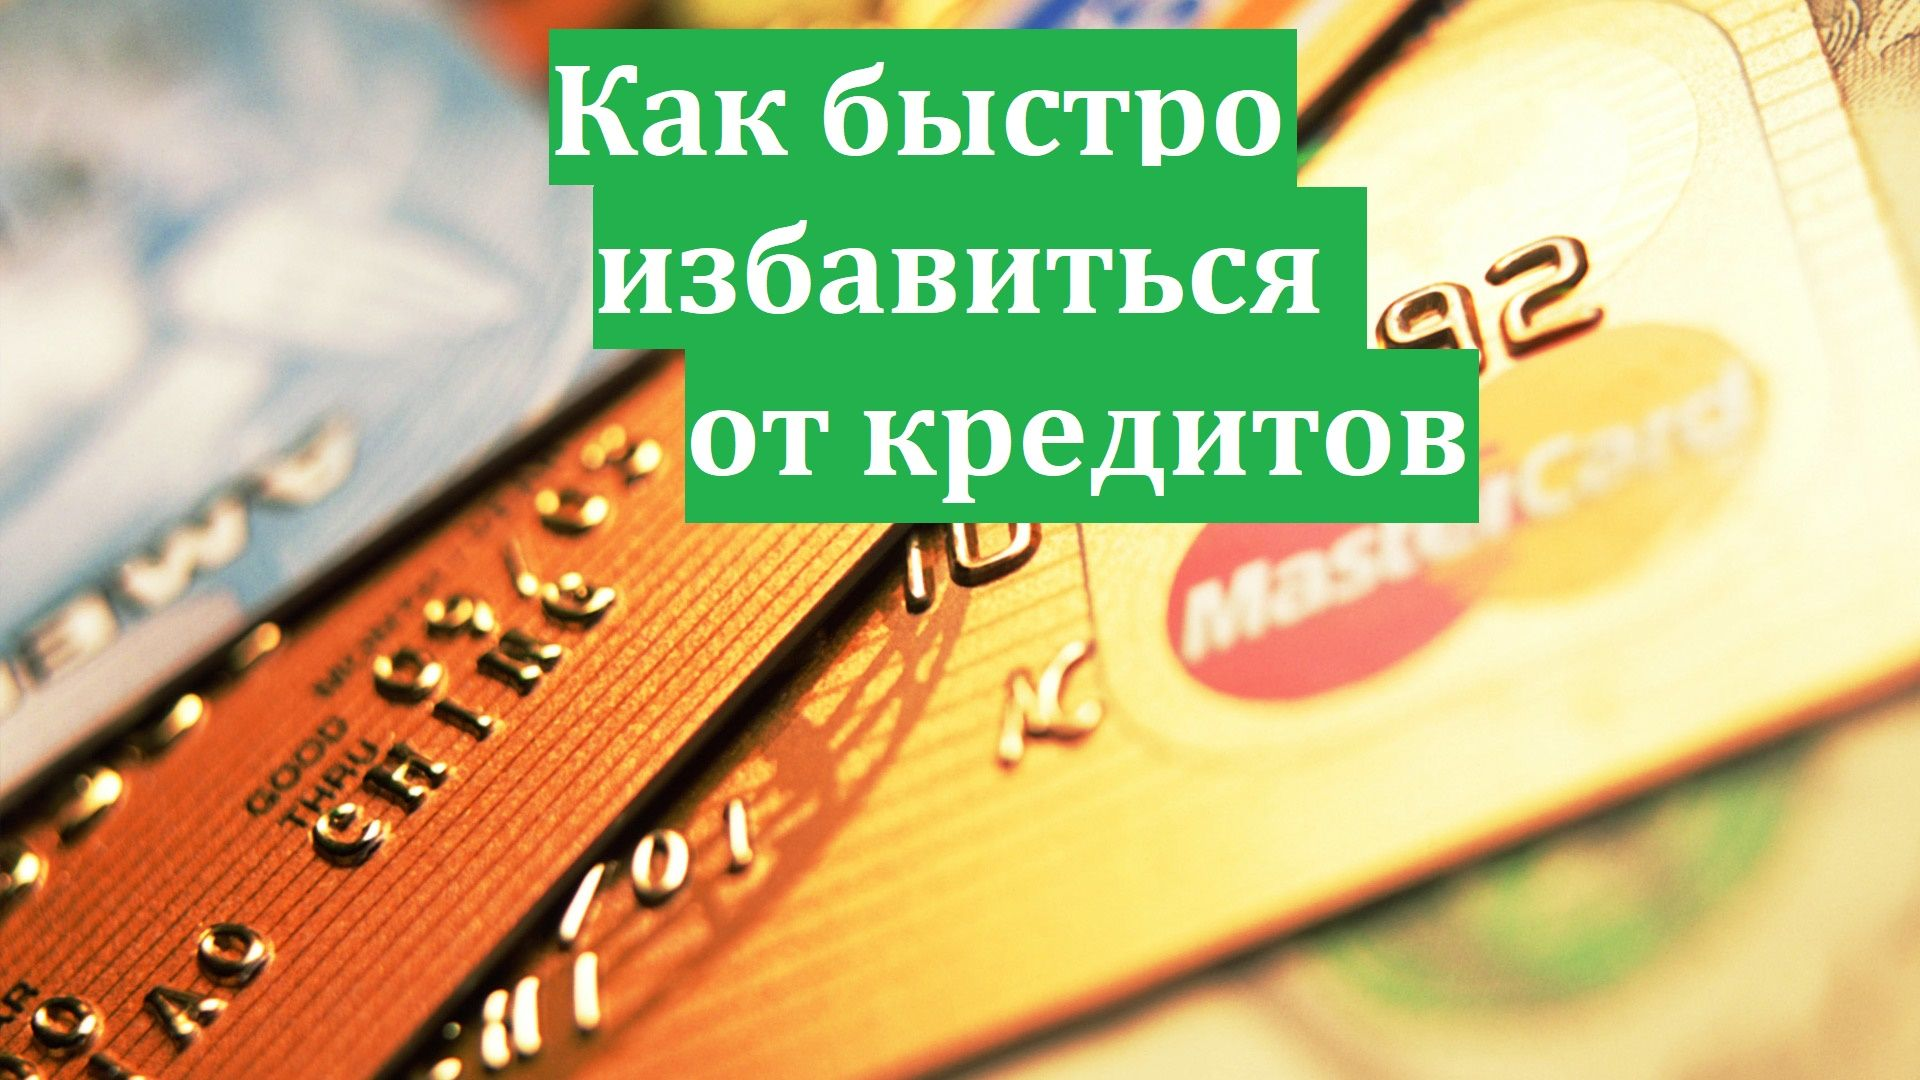 как быстро избавиться от кредитов.jpg